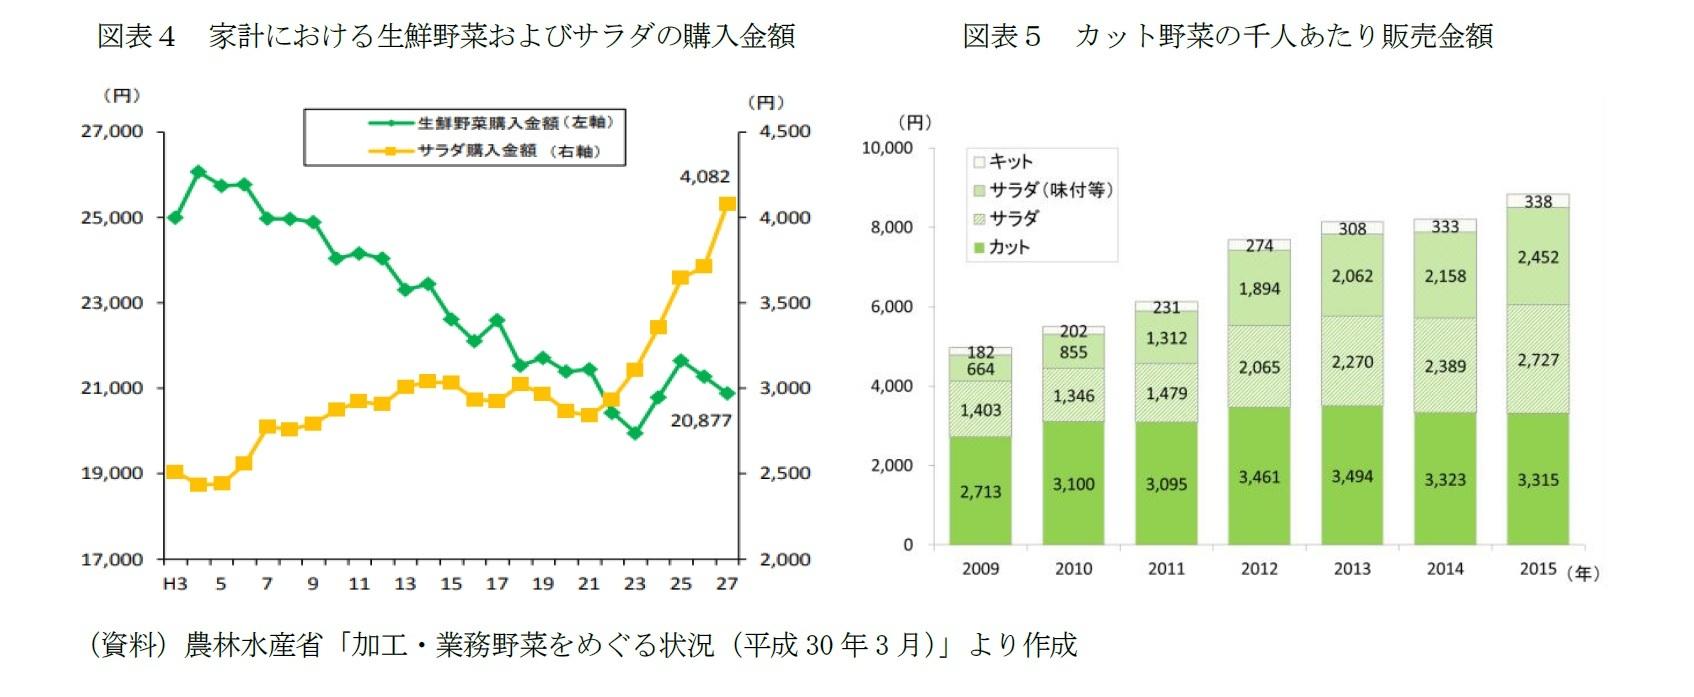 図表4 家計における生鮮野菜およびサラダの購入金額/図表5 カット野菜の千人あたり販売金額